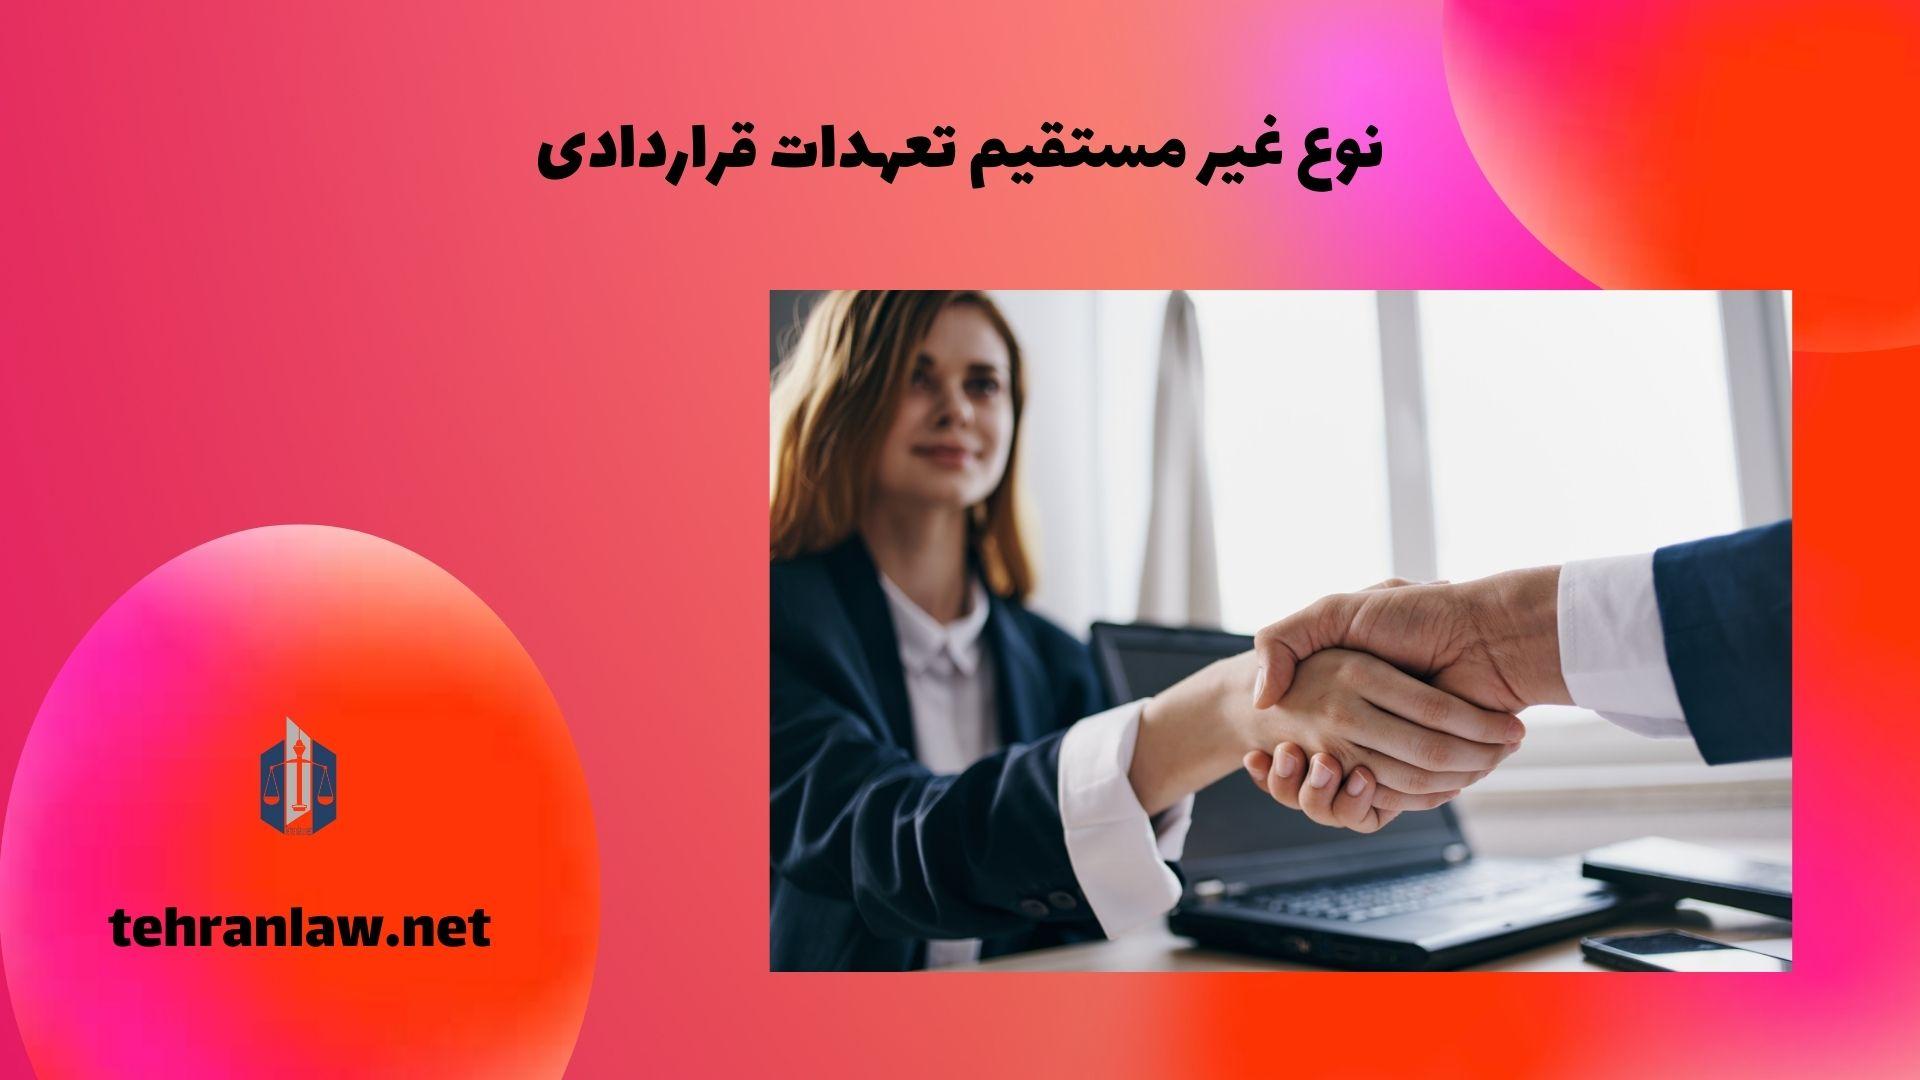 نوع غیر مستقیم تعهدات قراردادی